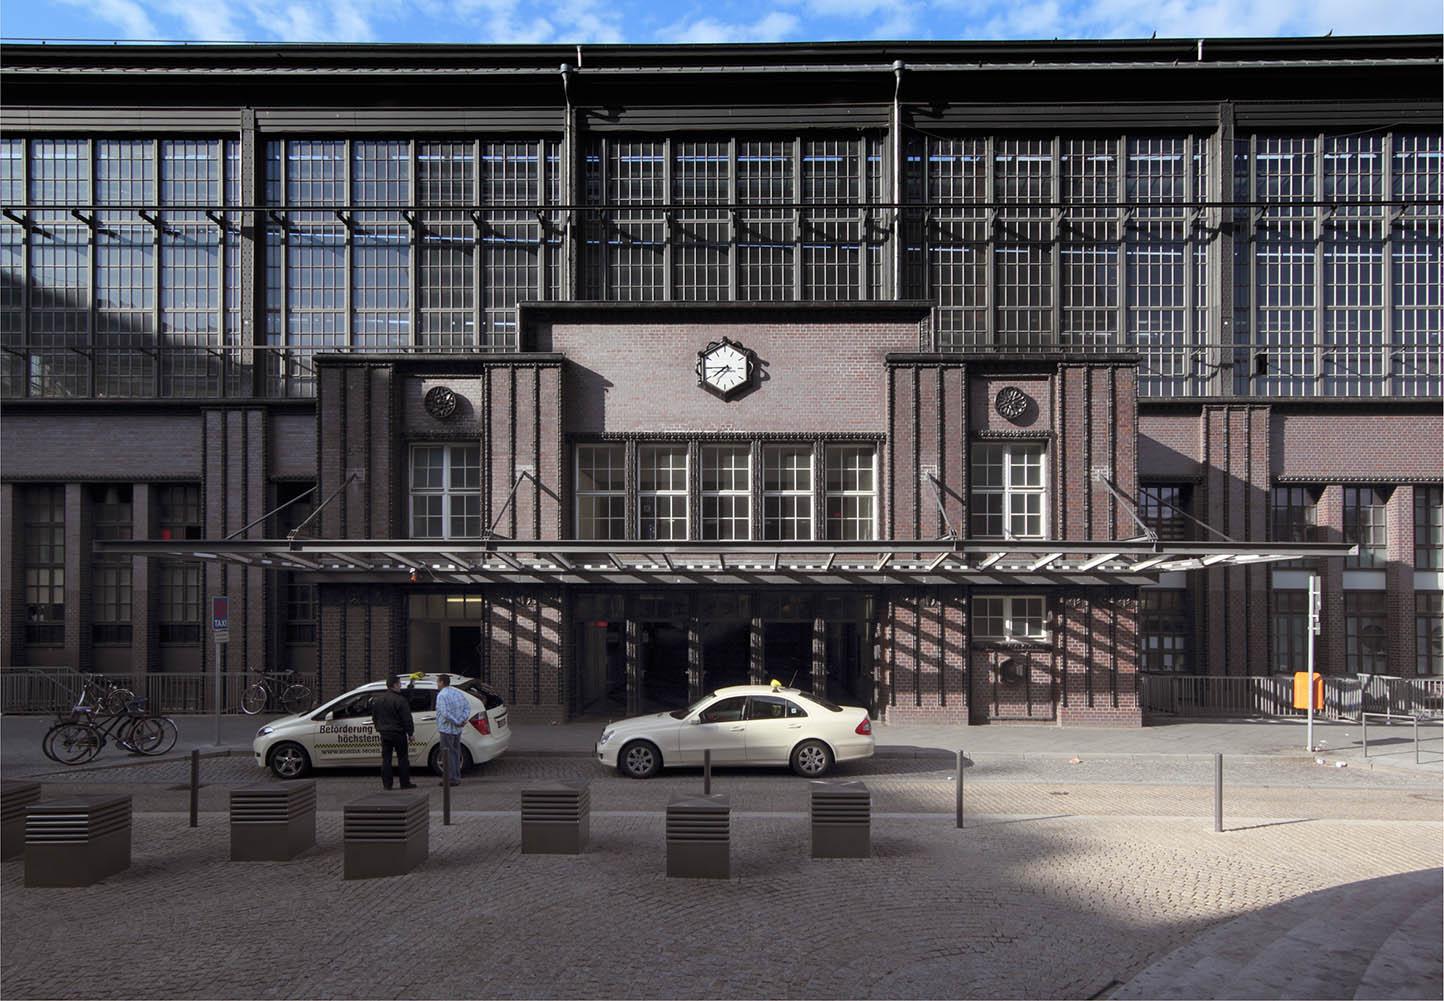 Bahnhof Friedrichstraße.  1919–1925, von Carl Theodor Brodführer